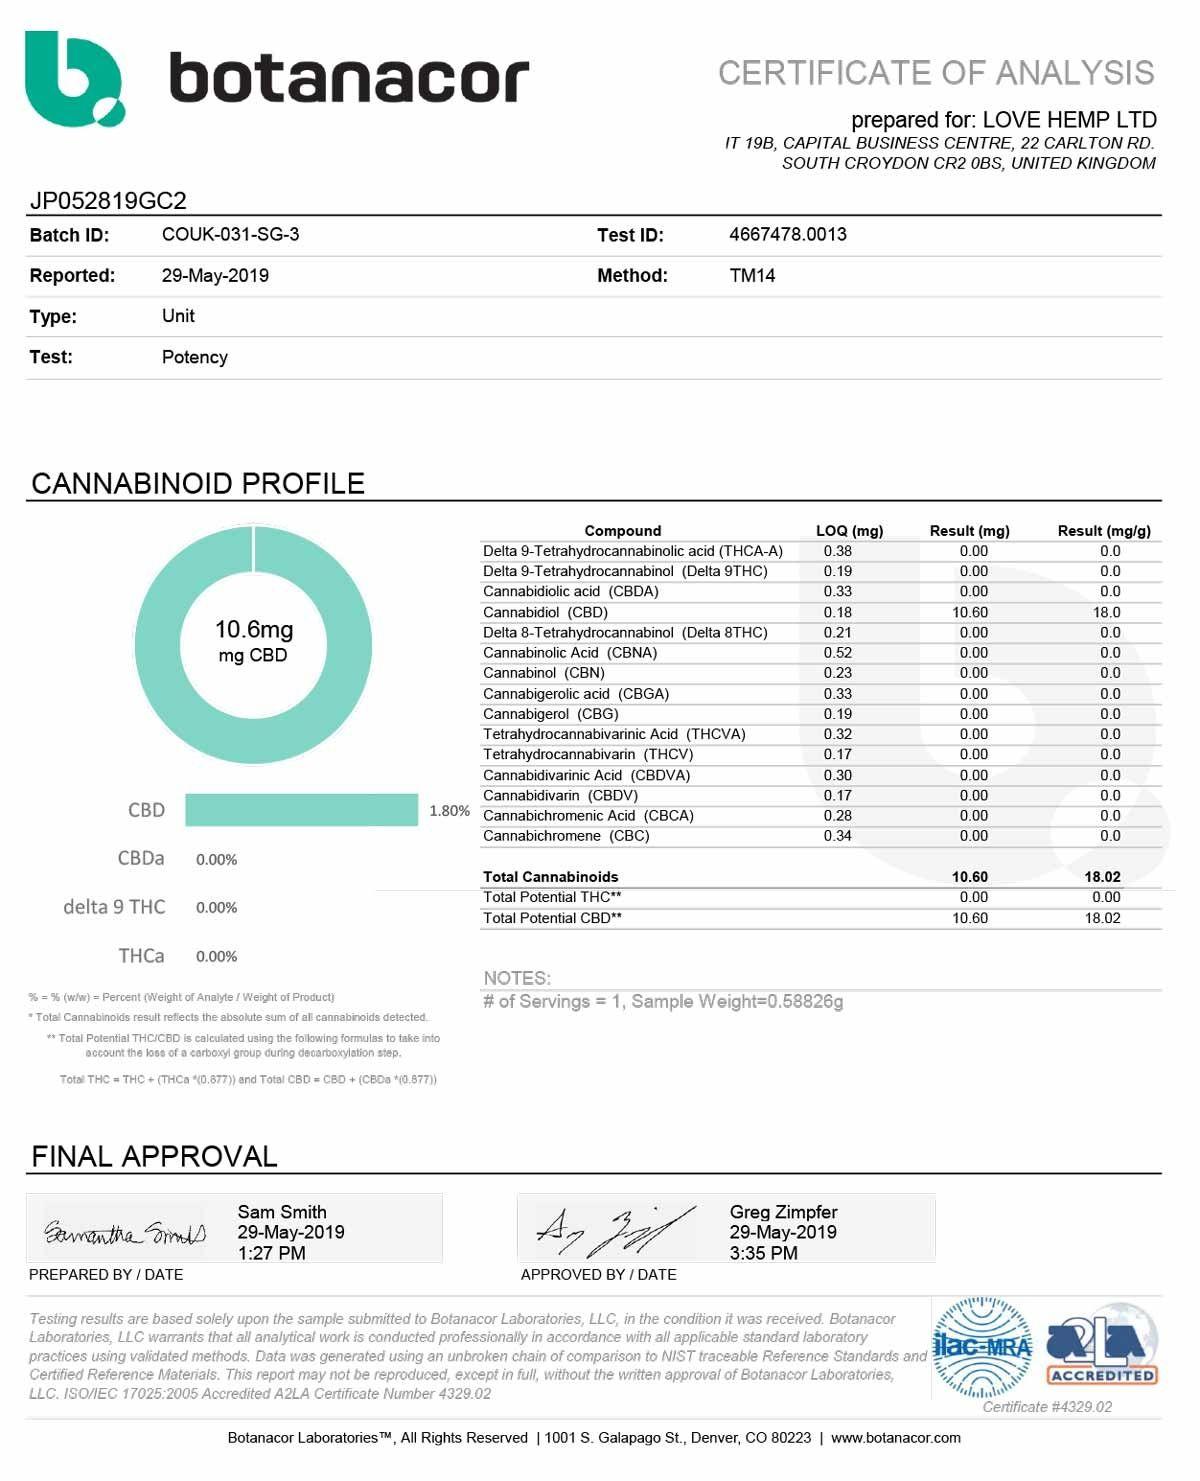 Love Hemp CBD Capsules Certificate of Analysis